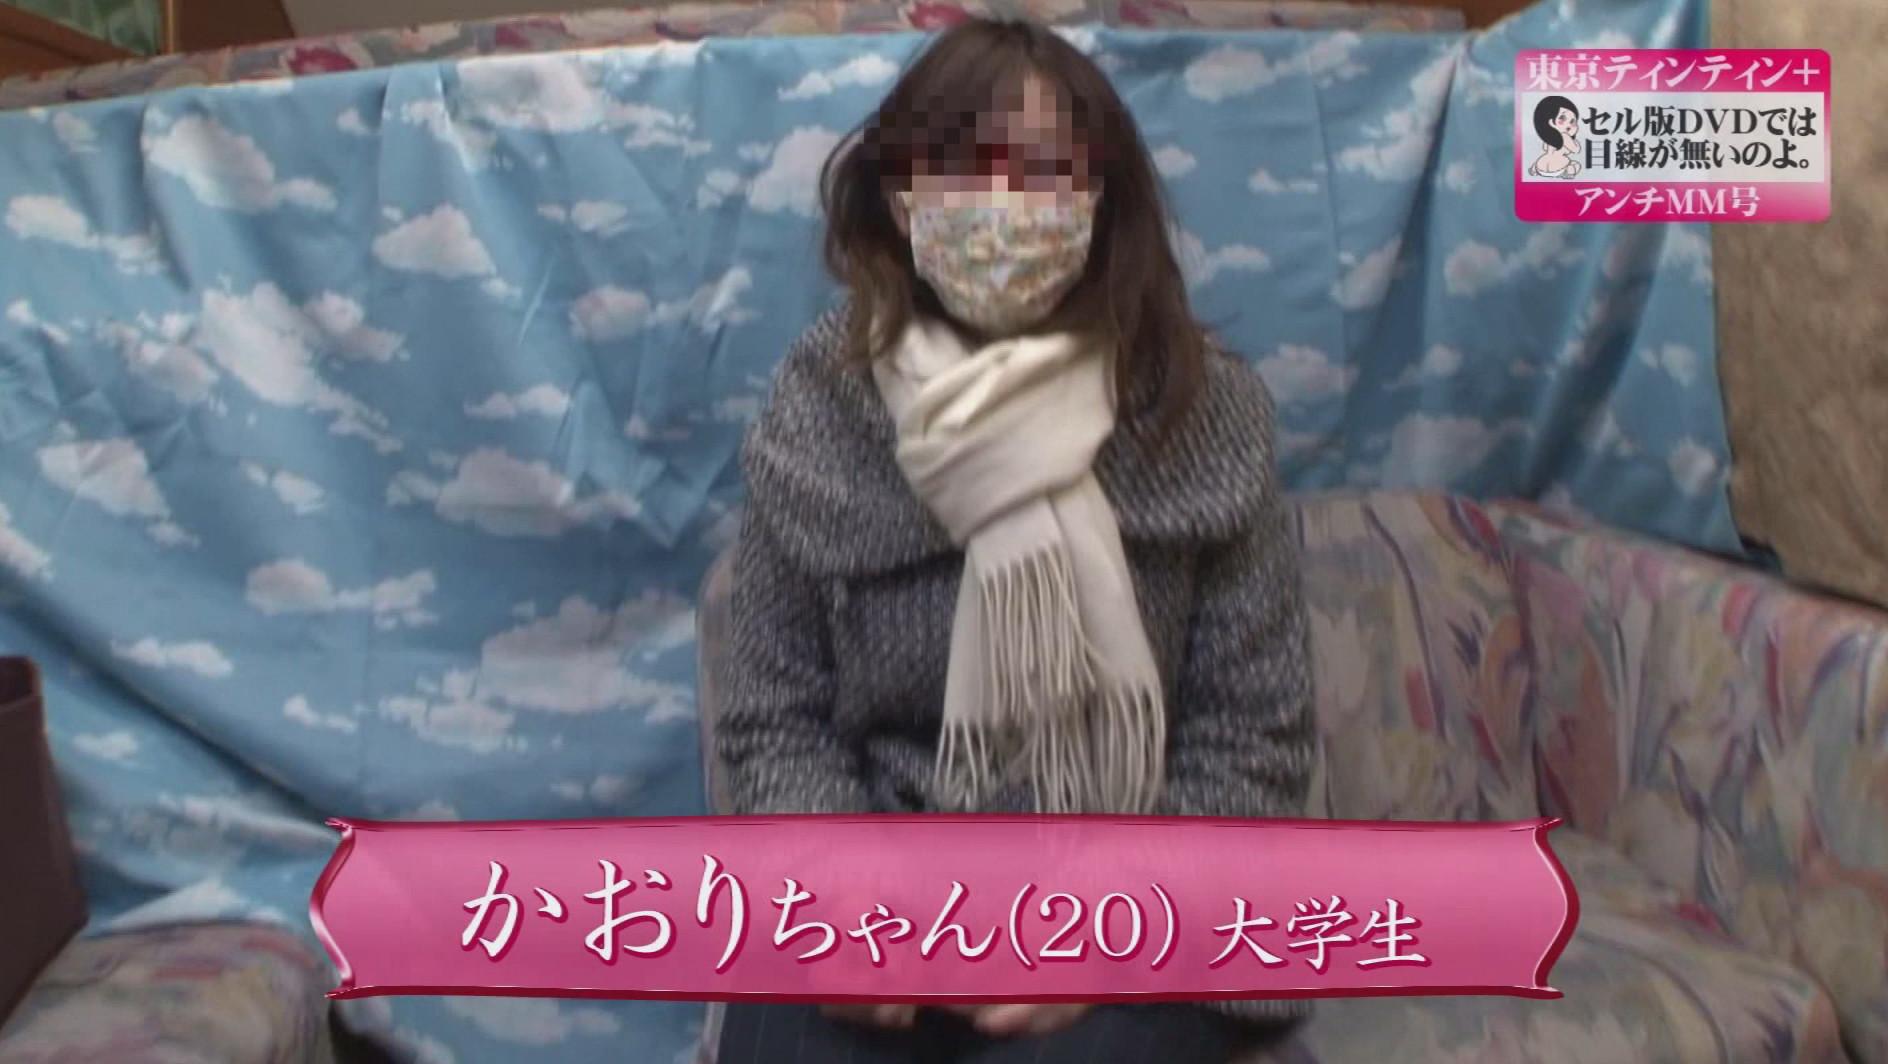 本物の素人ナンパ以外、撮影しておりません。名古屋編より 目線有りVer. かおりちゃん(20歳)大学生 画像2